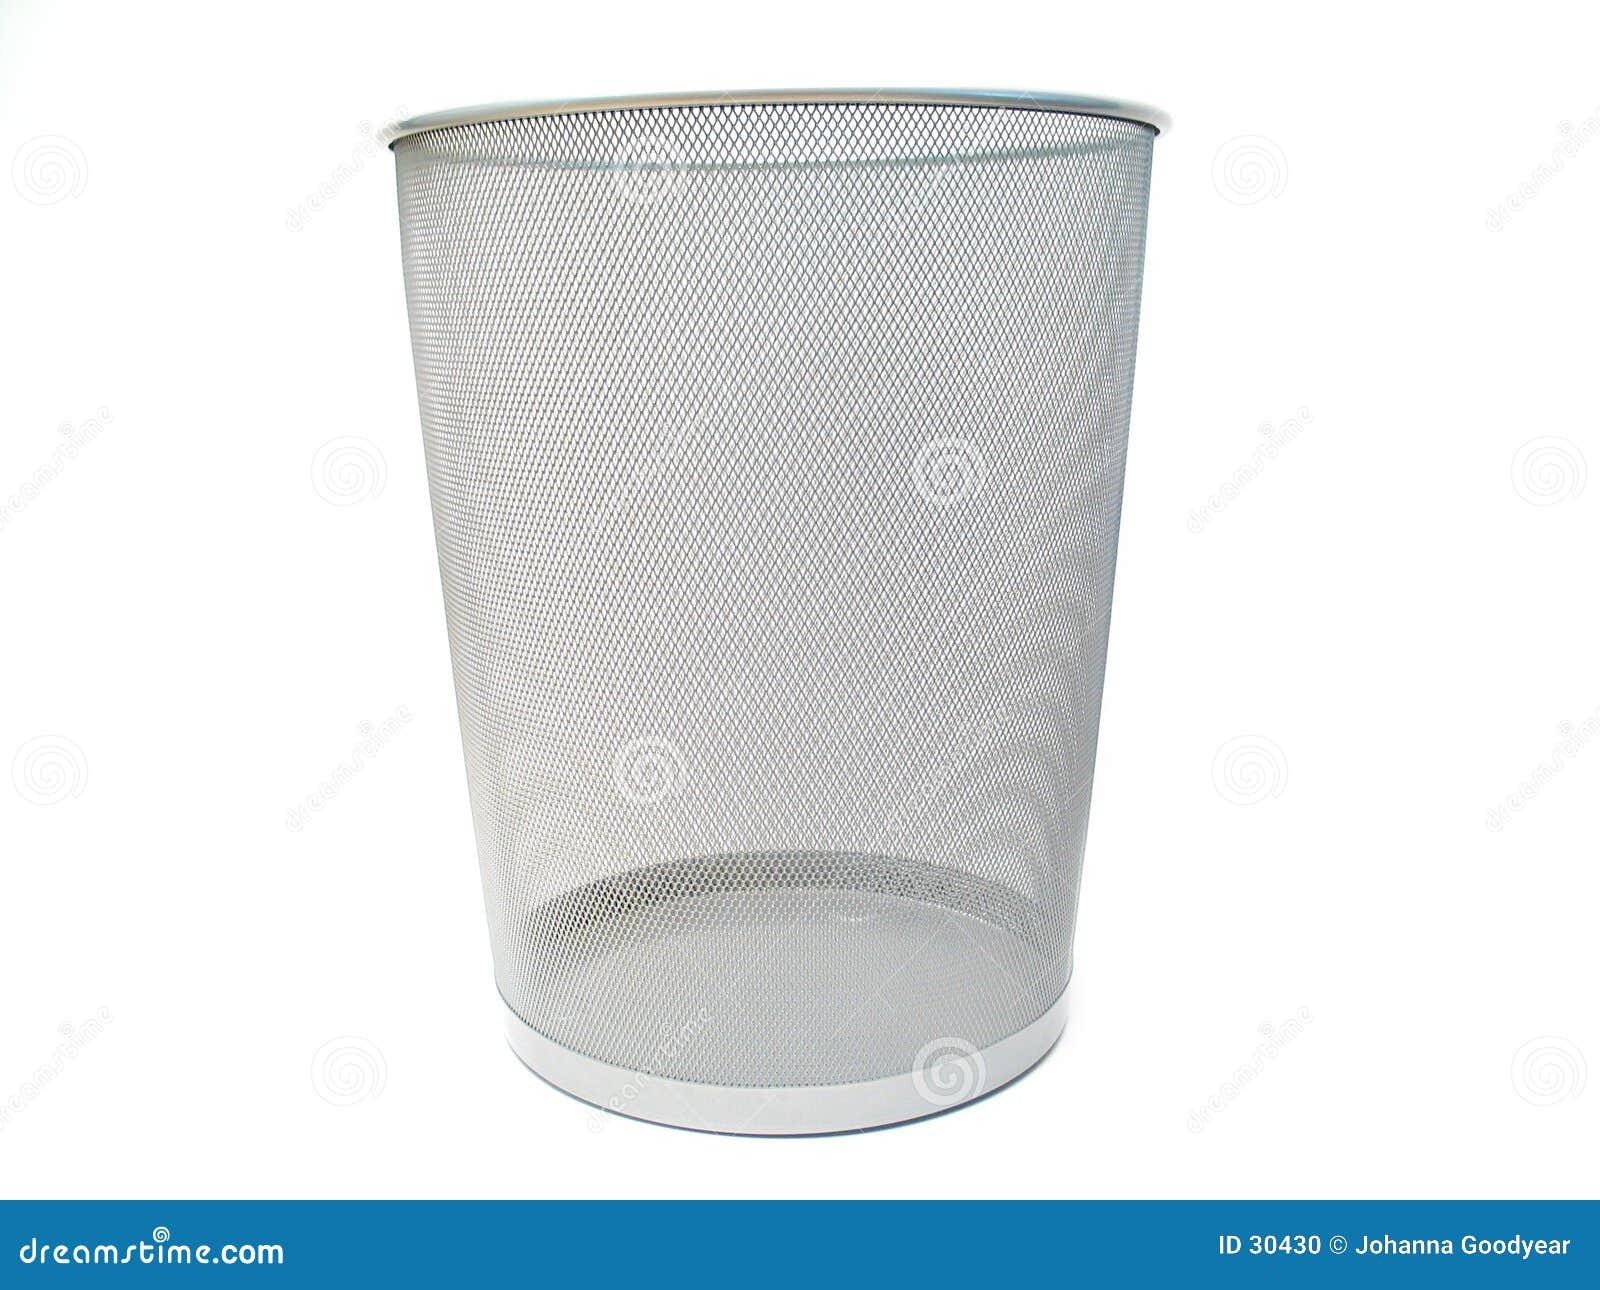 Download śmieci. zdjęcie stock. Obraz złożonej z śmieci, może, reuse - 30430